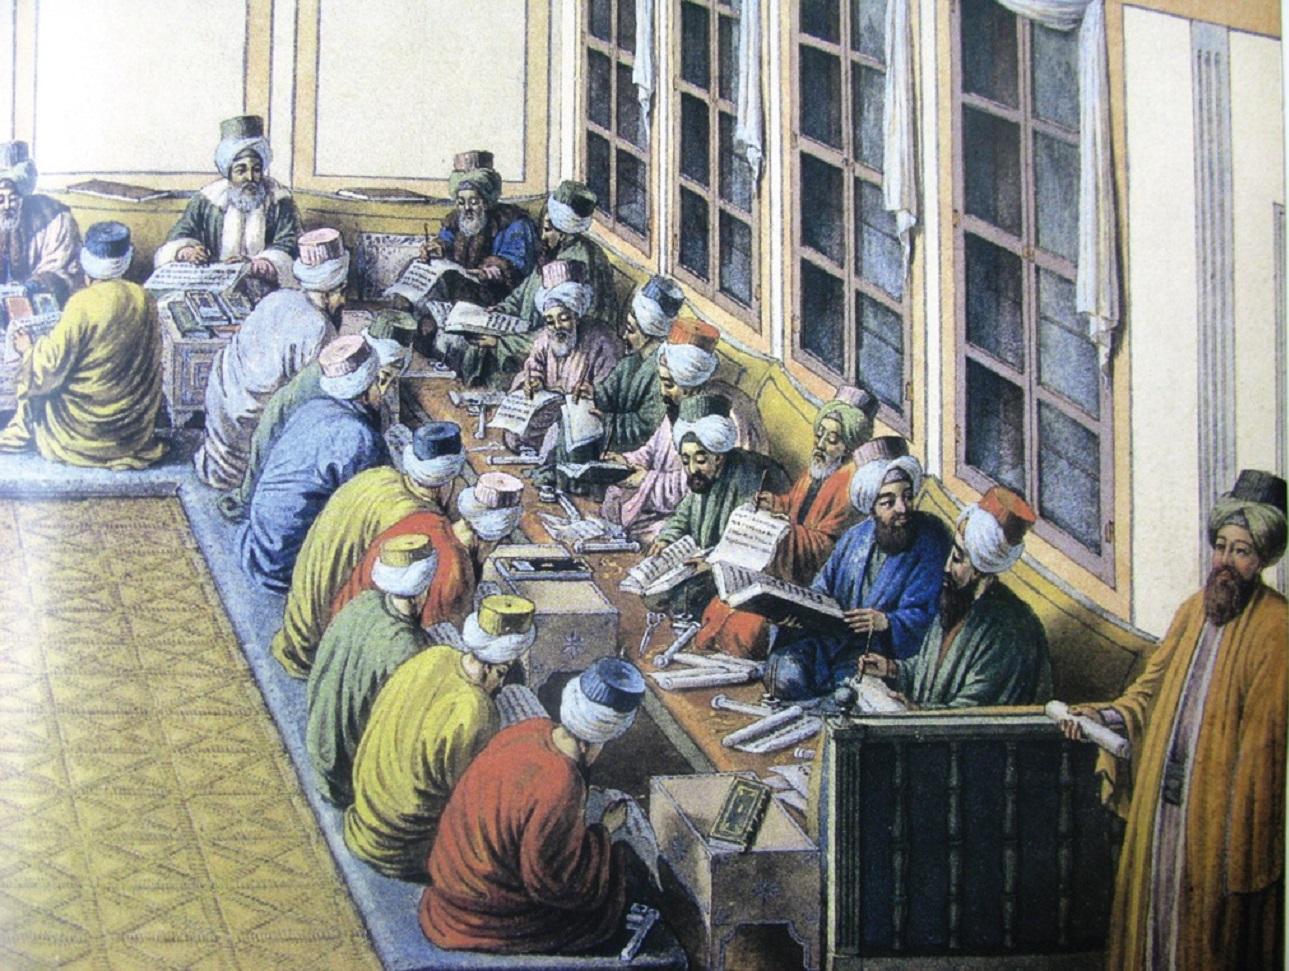 Osmanlı Devletinin Devrinde İlk Medrese Nerede Ve Ne Zaman Kim Açılmıştır Osmanlı Medrese Ile Ilgili Görseller Osmanlı Ilmiye Sınıfı